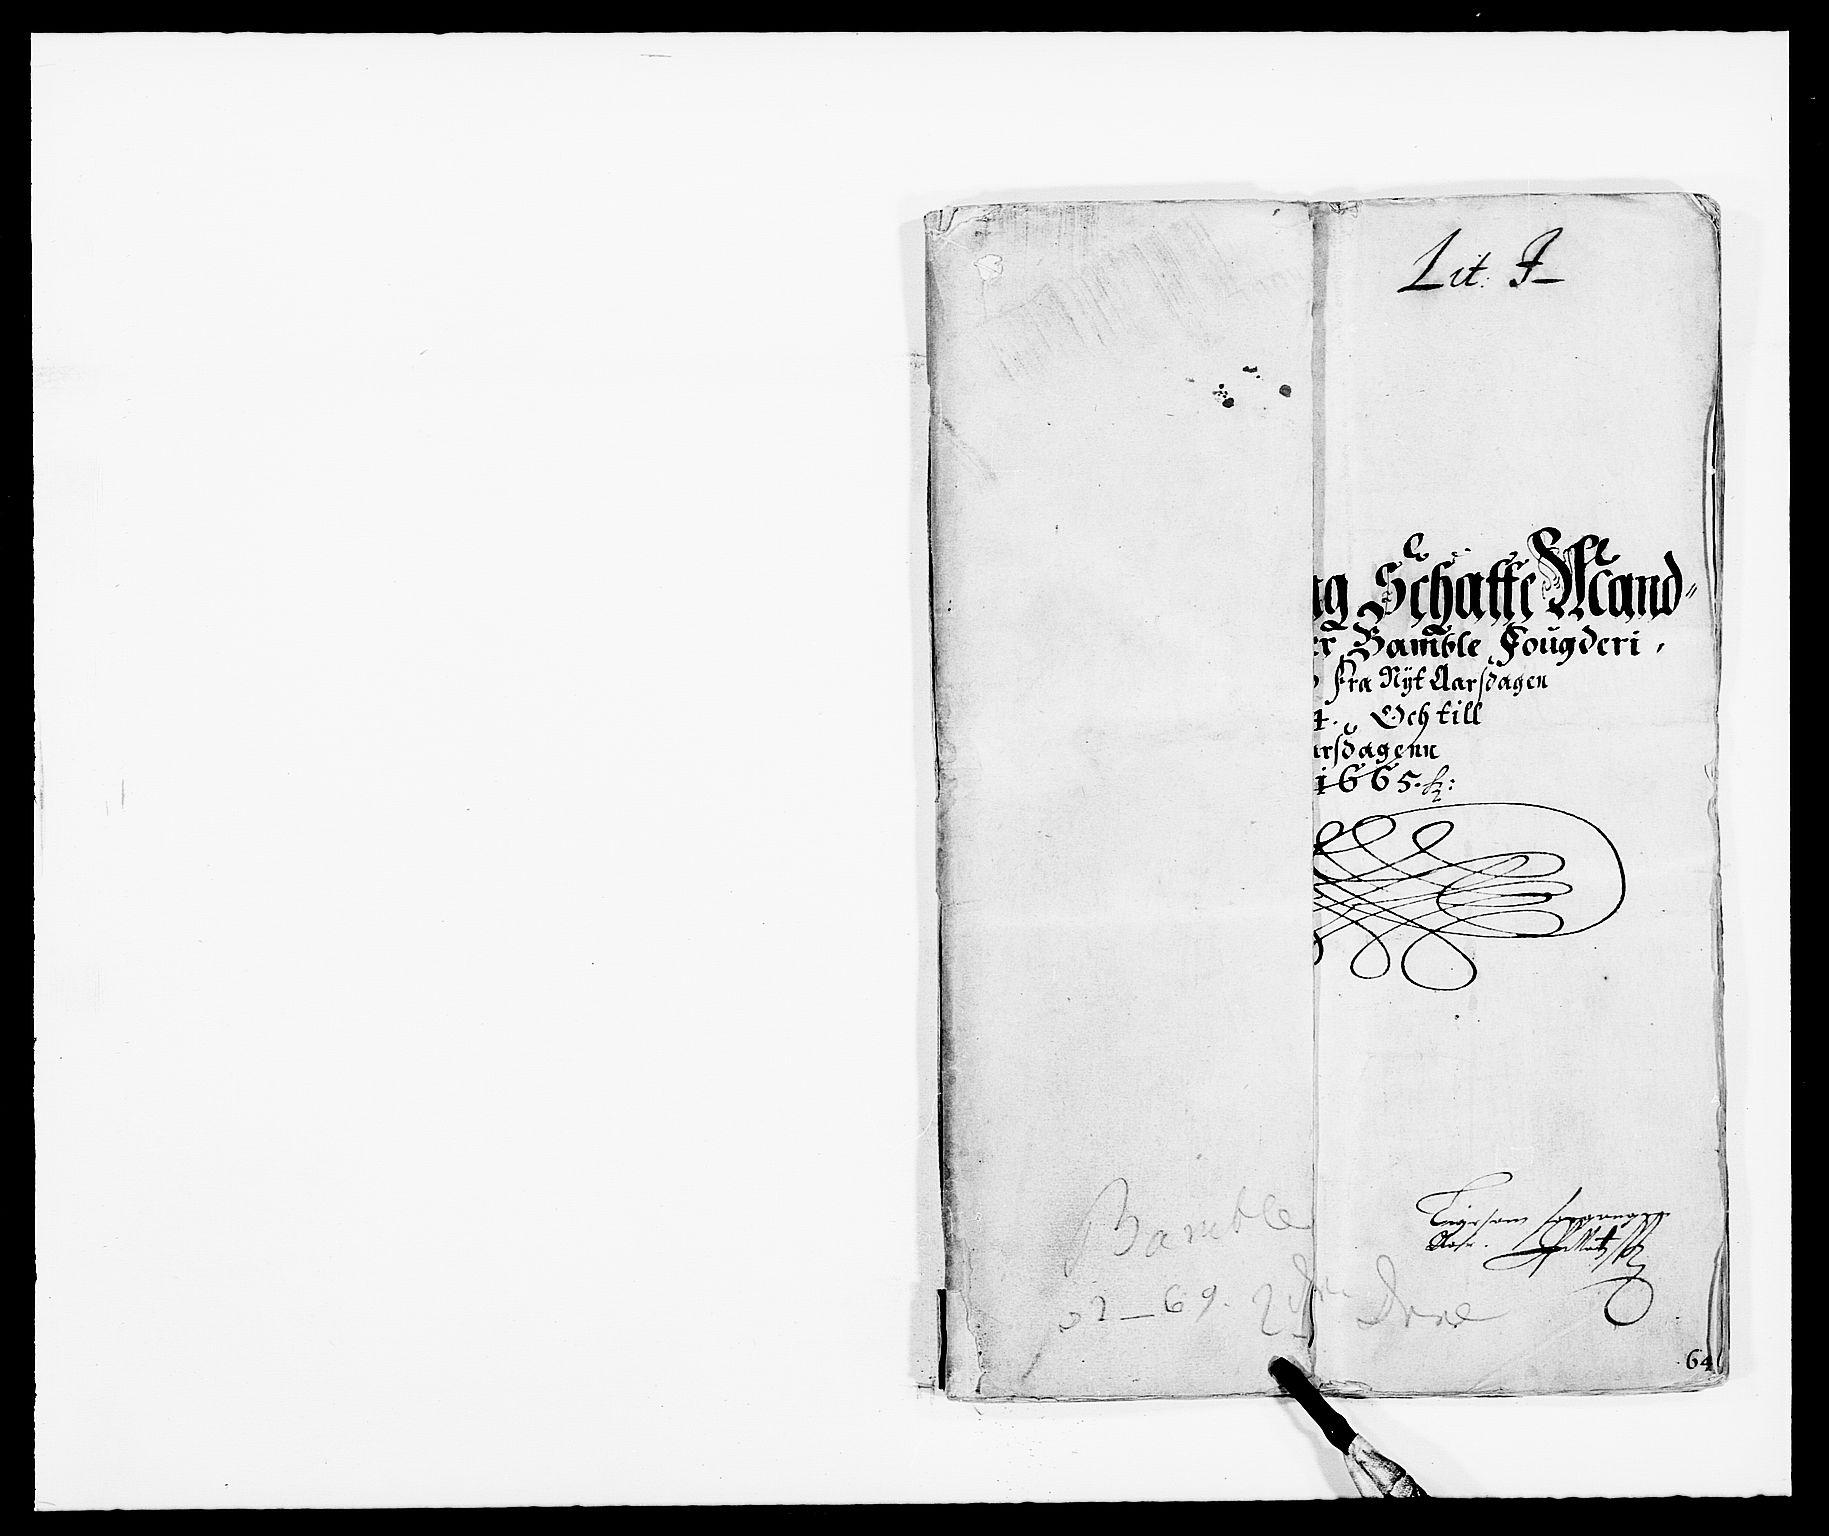 RA, Rentekammeret inntil 1814, Reviderte regnskaper, Fogderegnskap, R34/L2038: Fogderegnskap Bamble, 1662-1669, s. 6